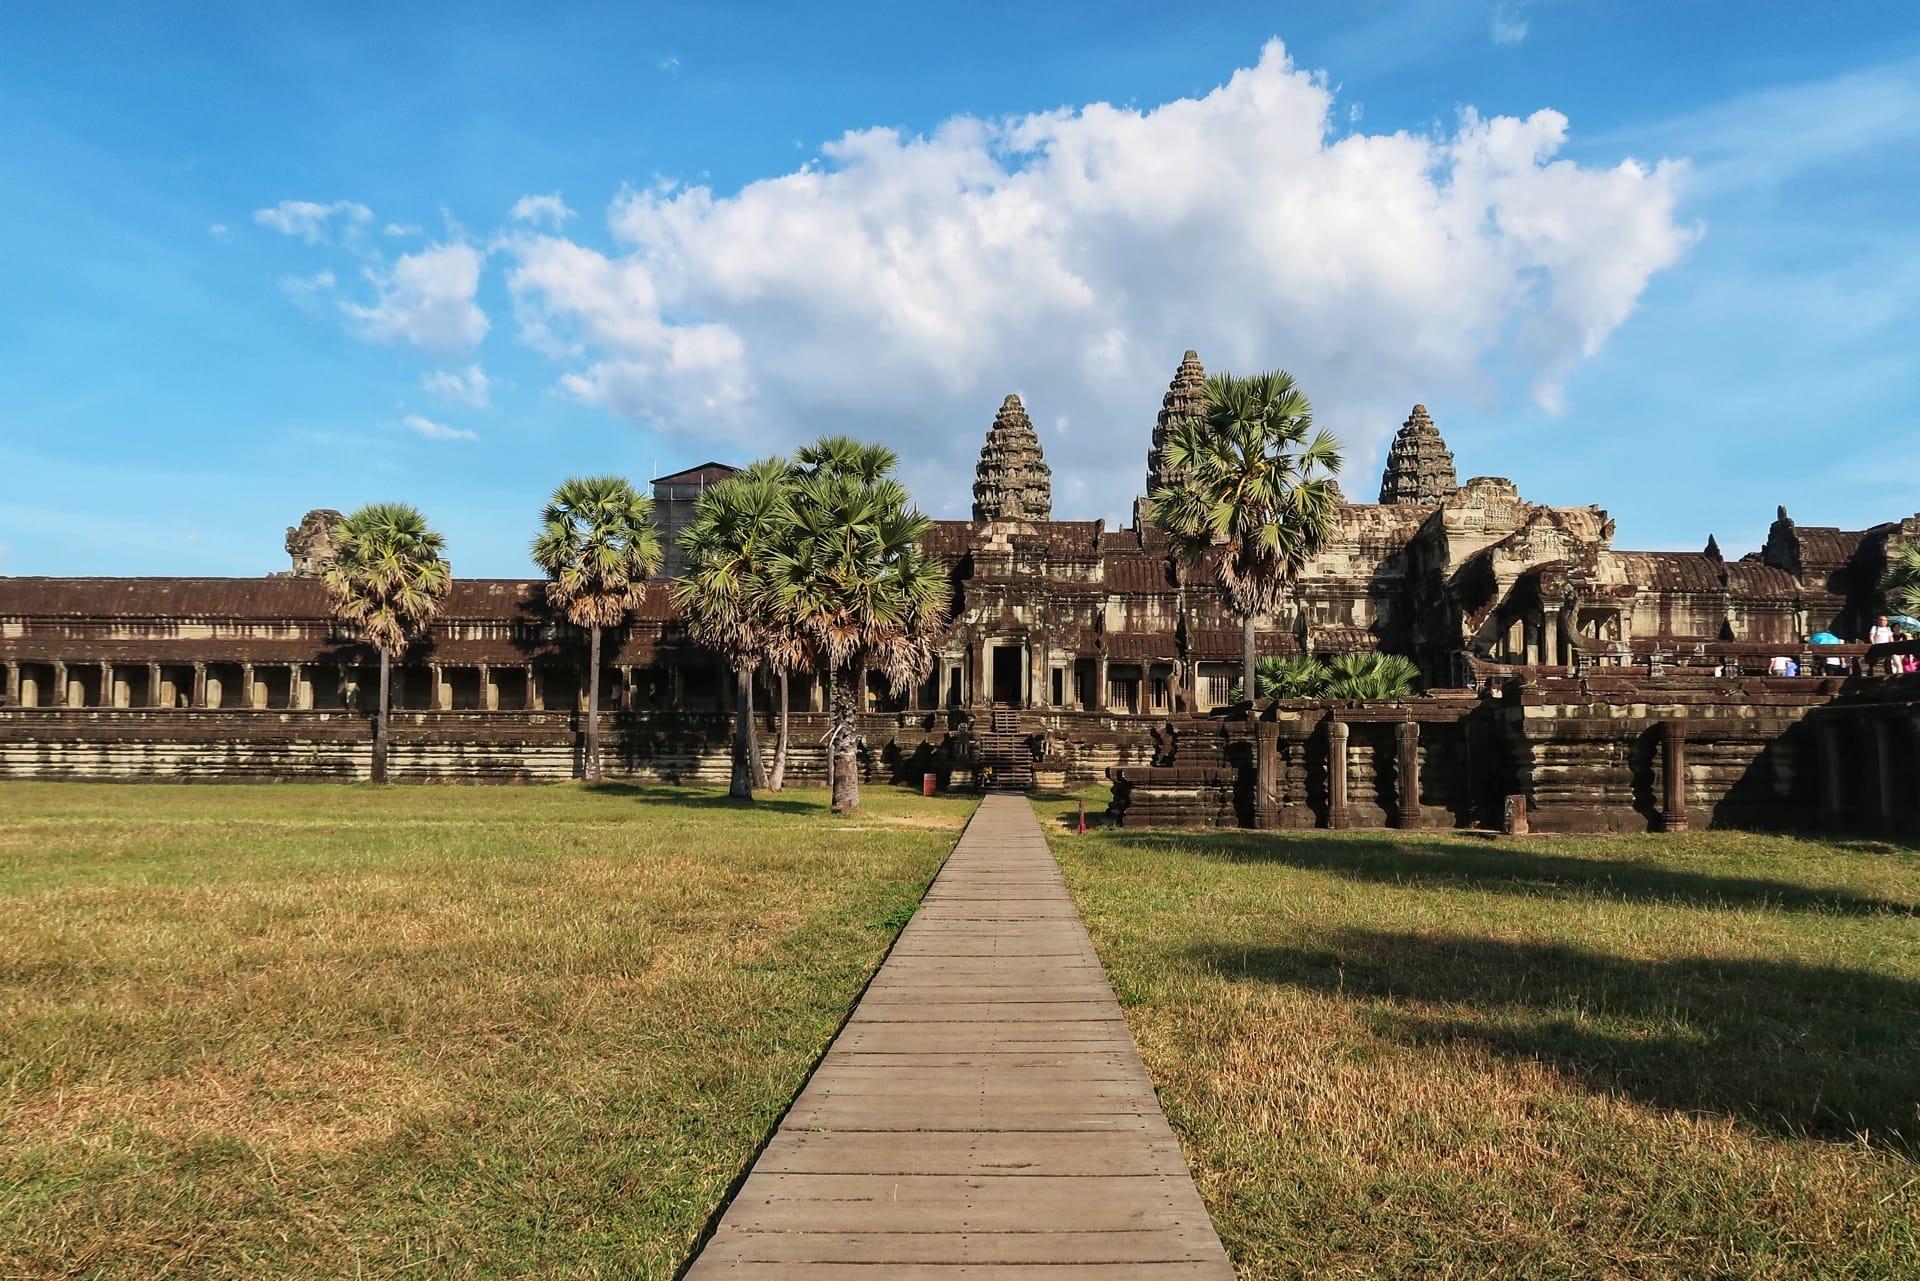 Det store Angkor Wat tempel udefra